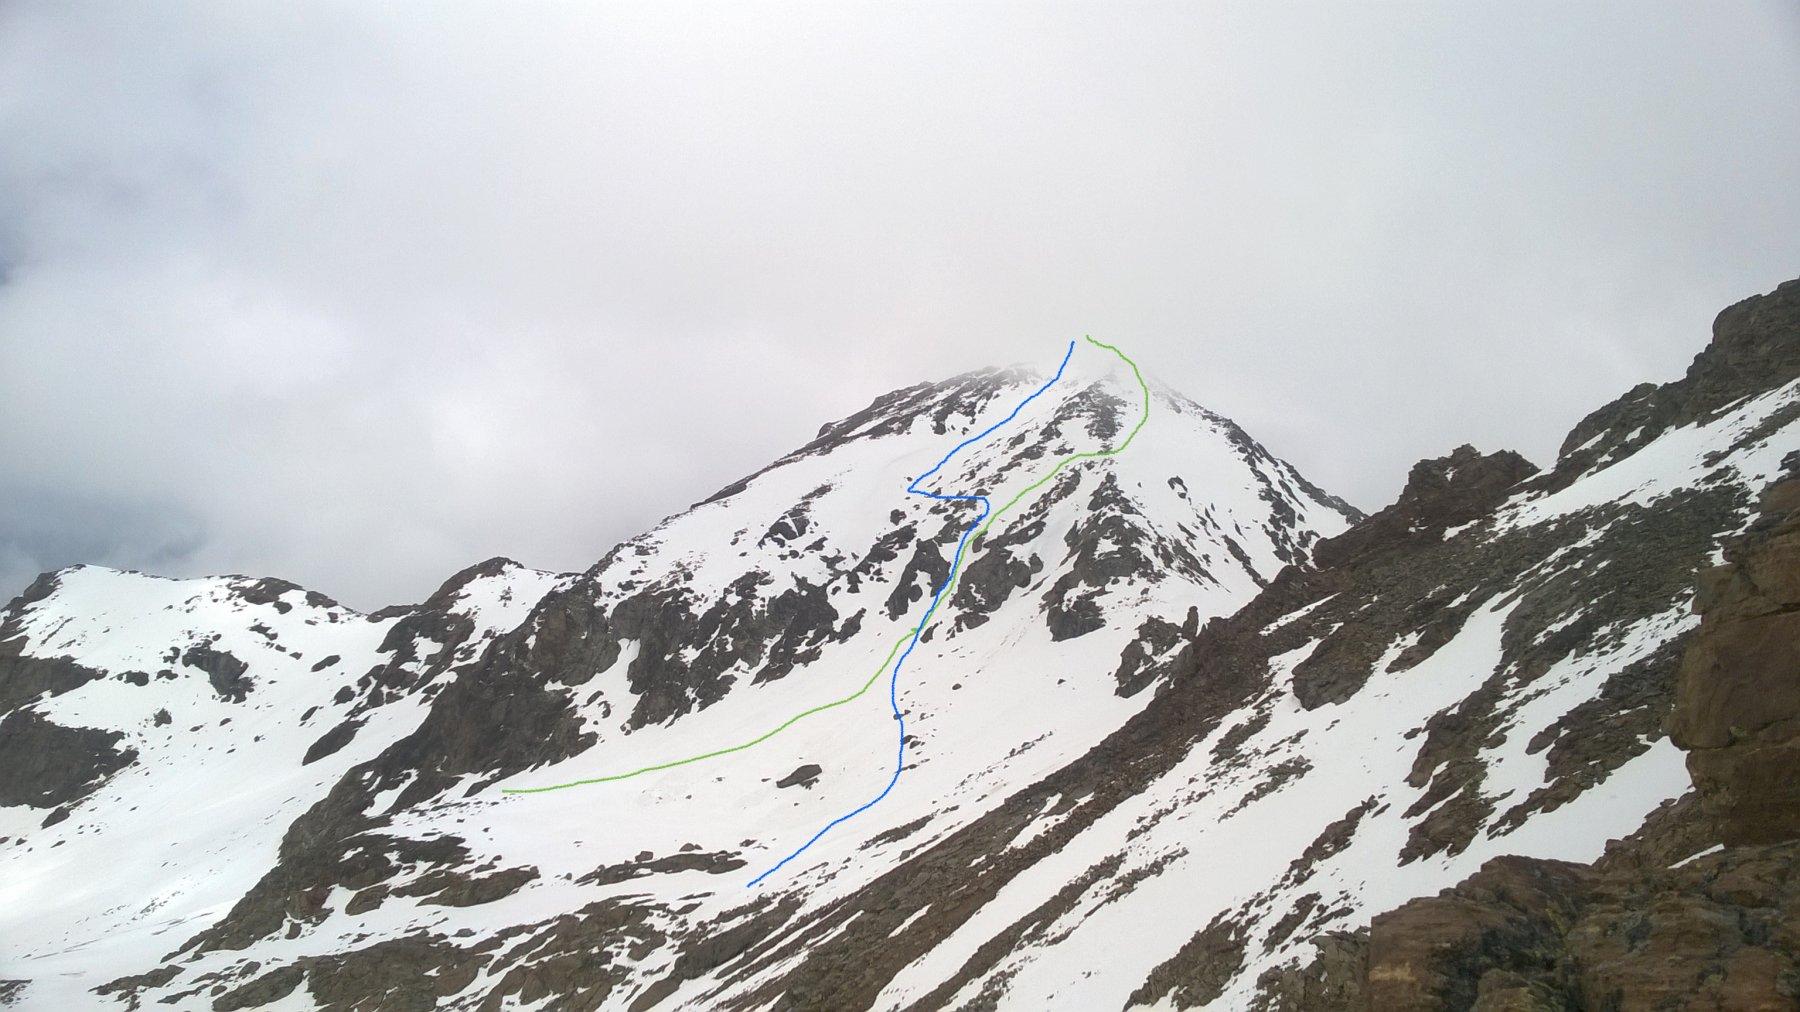 Il versante sud-sudest ripreso dal col d'Arbole. Verde salita, blu discesa. A dx il colle tre Cappuccini.